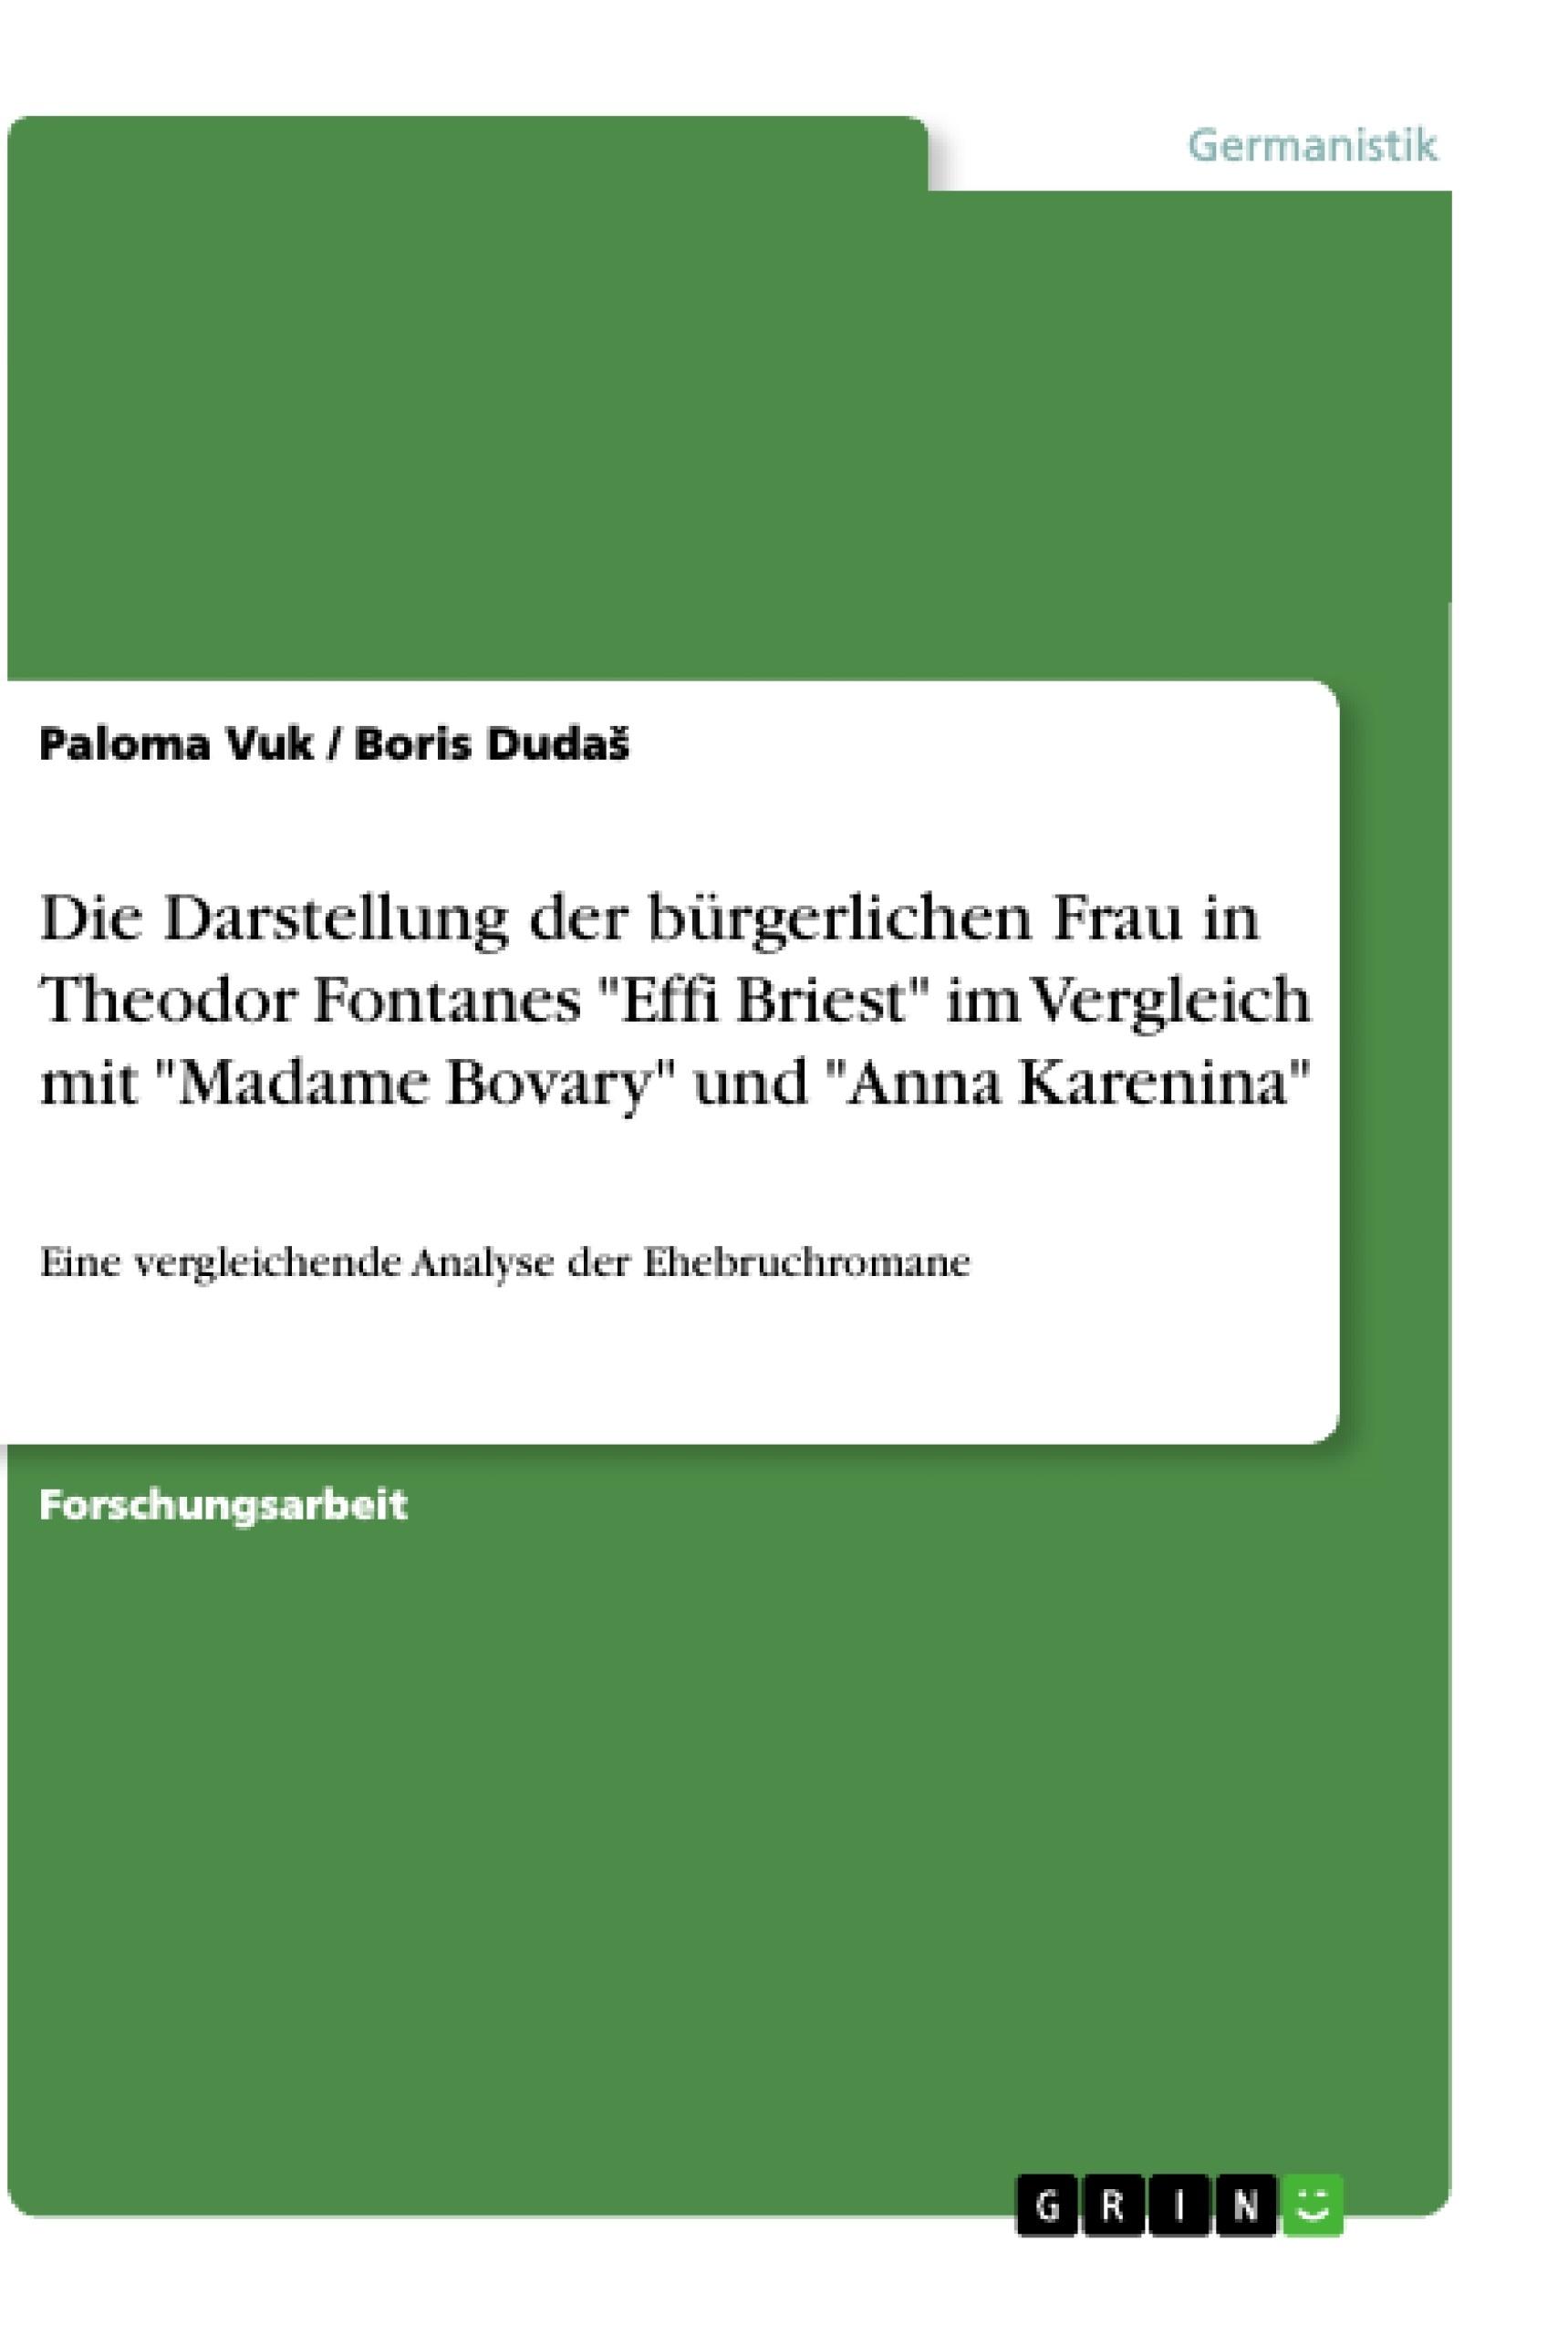 """Titel: Die Darstellung der bürgerlichen Frau in Theodor Fontanes """"Effi Briest"""" im Vergleich mit """"Madame Bovary"""" und """"Anna Karenina"""""""